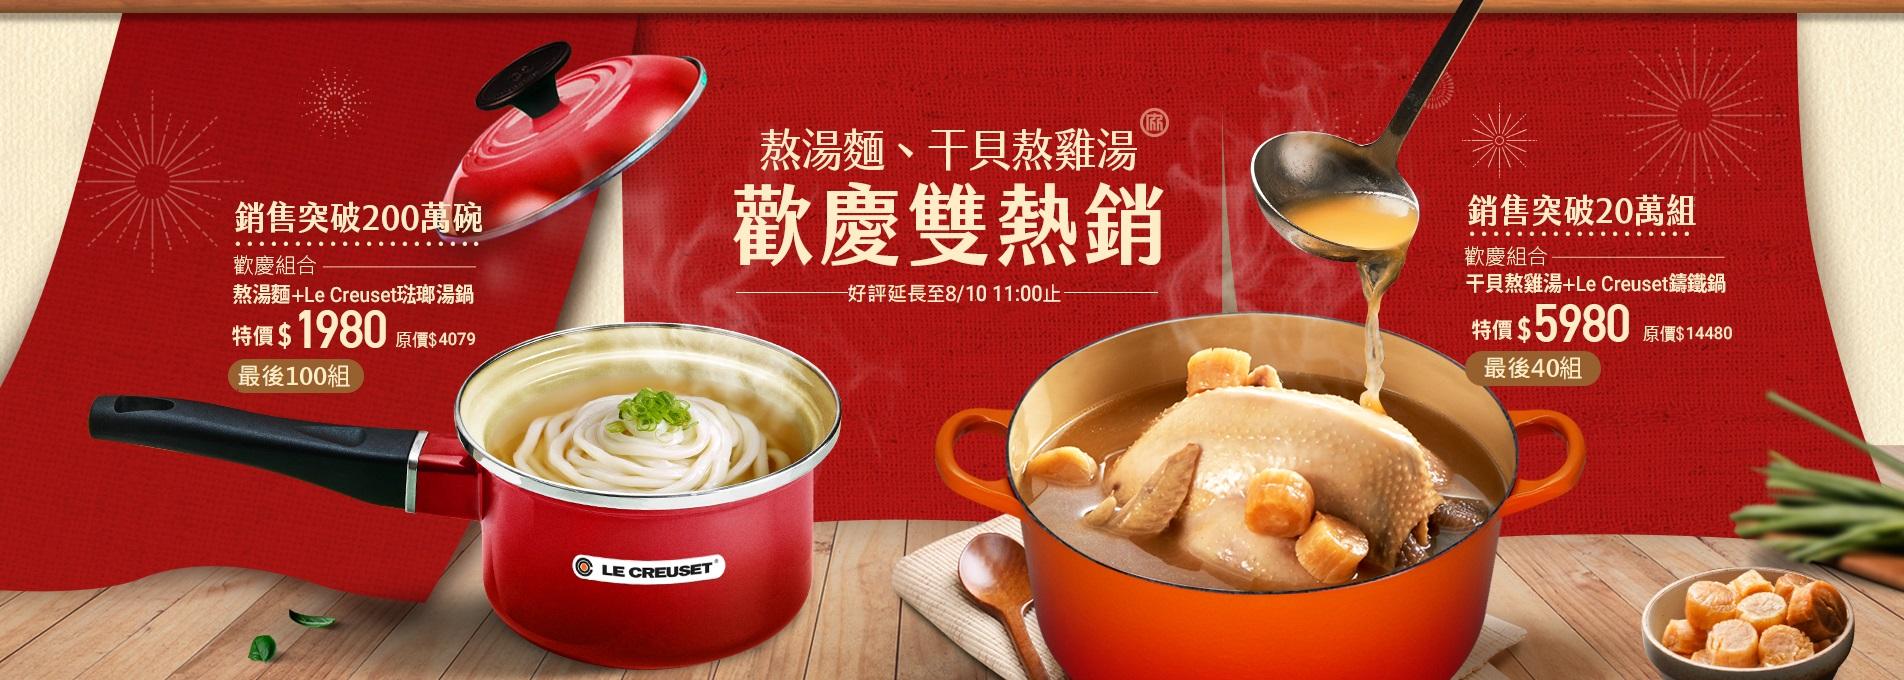 熬湯麵(6人份)+Le Creuset琺瑯湯鍋16cm(水手藍)